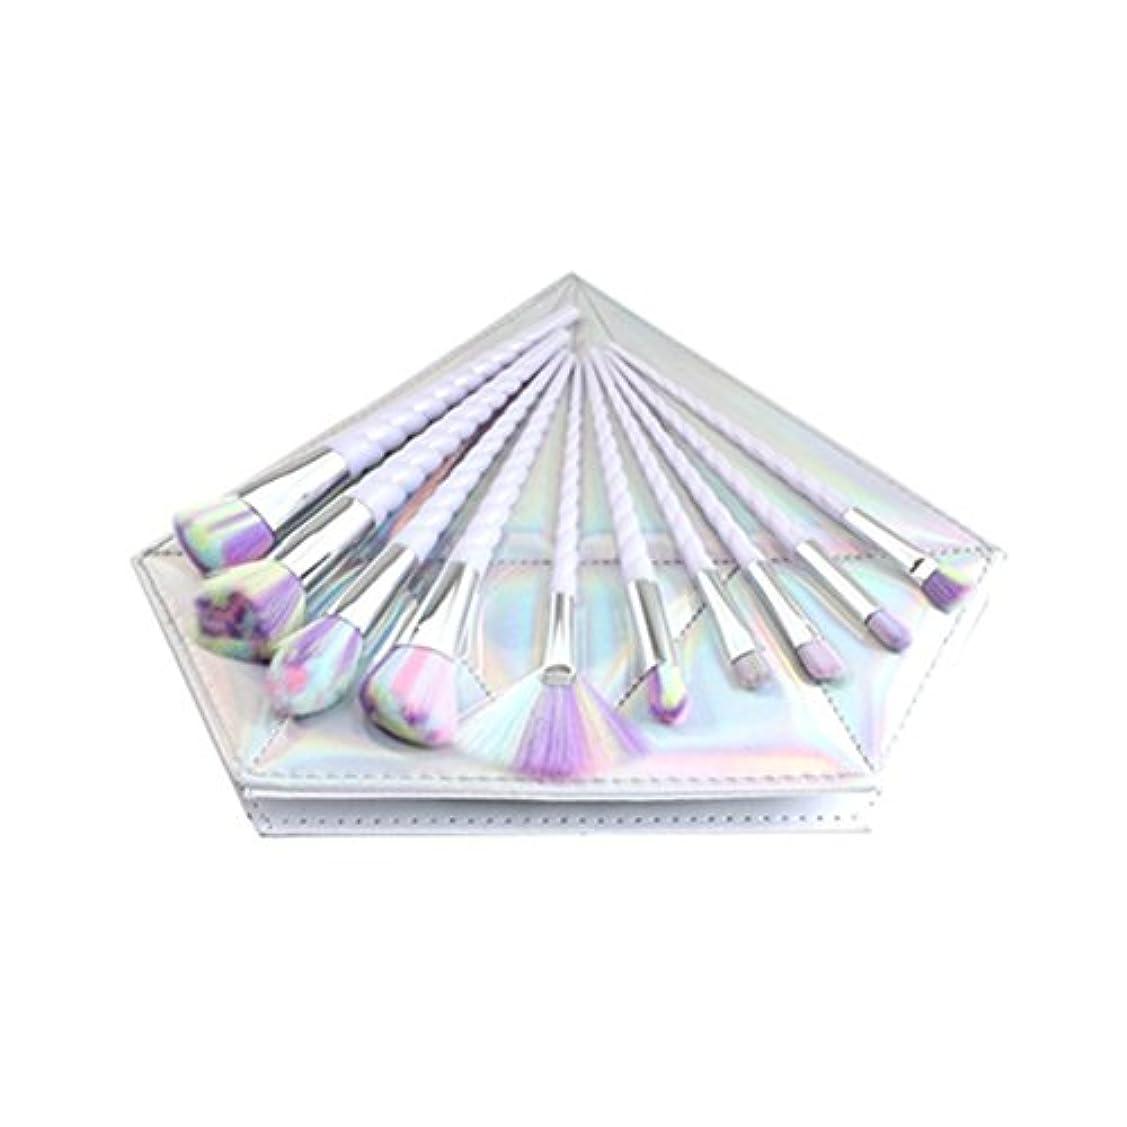 ドキュメンタリー種廃棄Dilla Beauty 10本セットユニコーンデザインプラスチックハンドル形状メイクブラシセット合成毛ファンデーションブラシアイシャドーブラッシャー美容ツール美しい化粧品のバッグを送る (白いハンドル - 多色の毛)